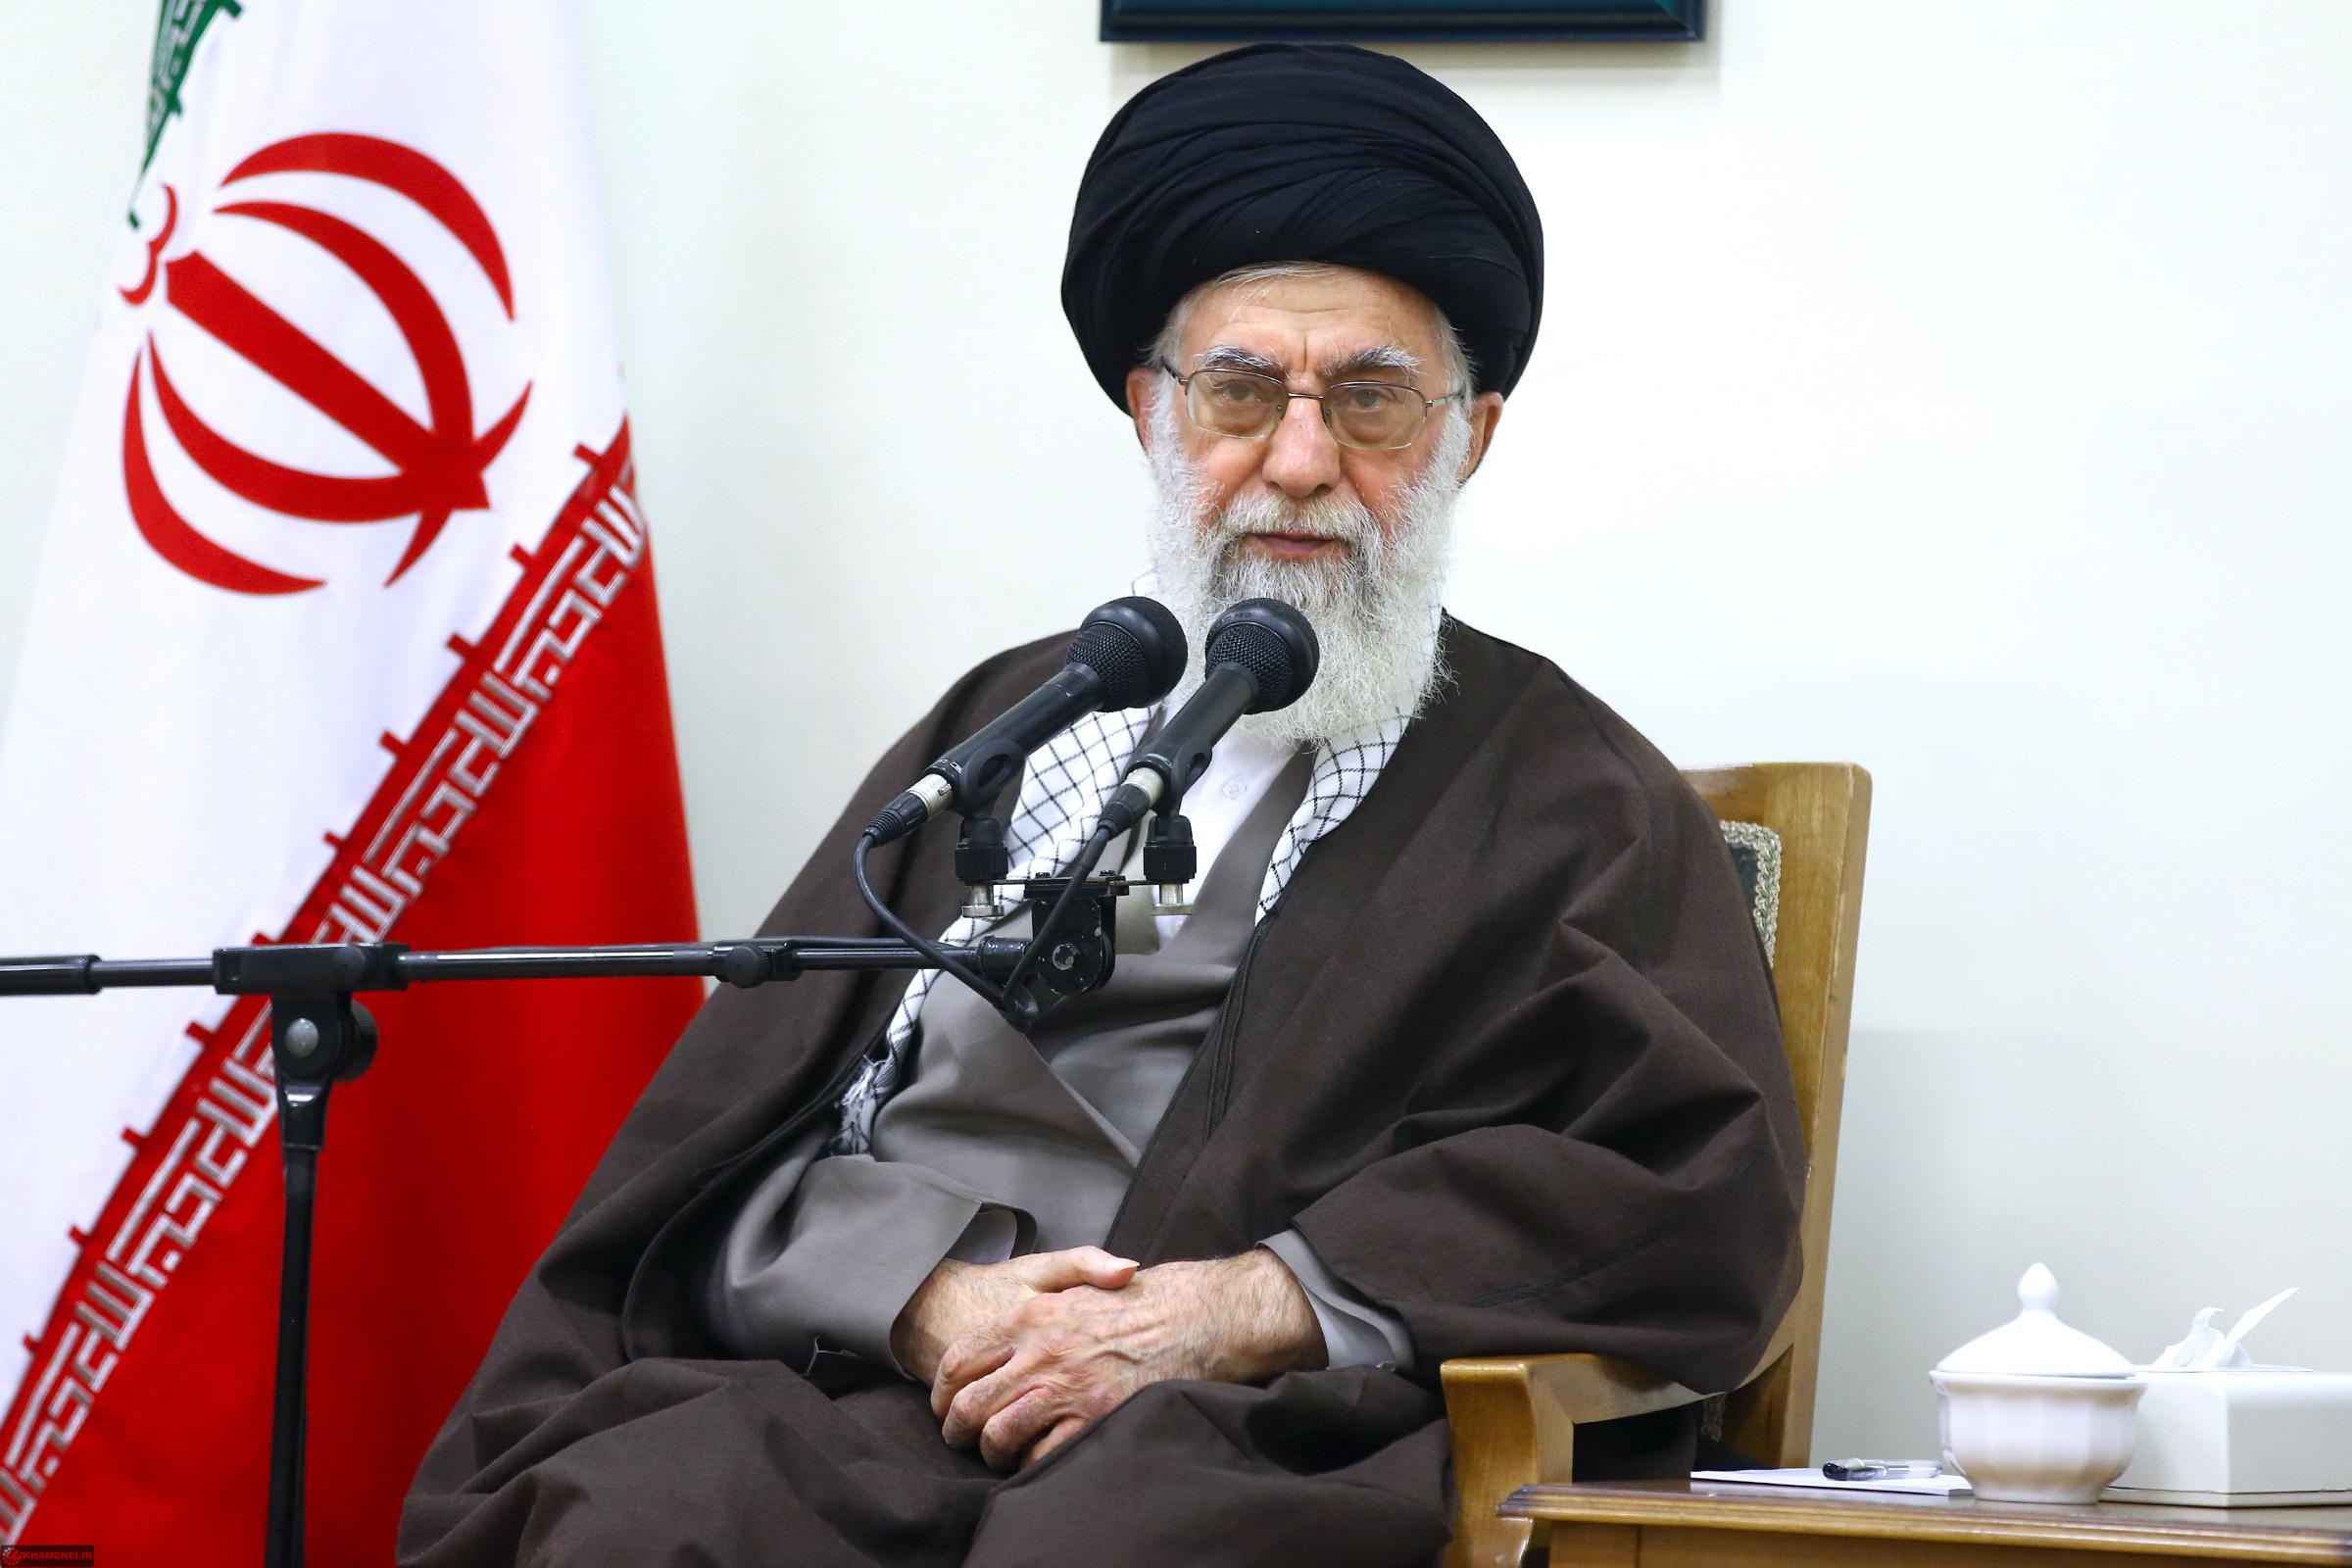 آحاد مسئولان و مردم در دفاع از نظام اسلامی باید احساس مسئولیت کنند